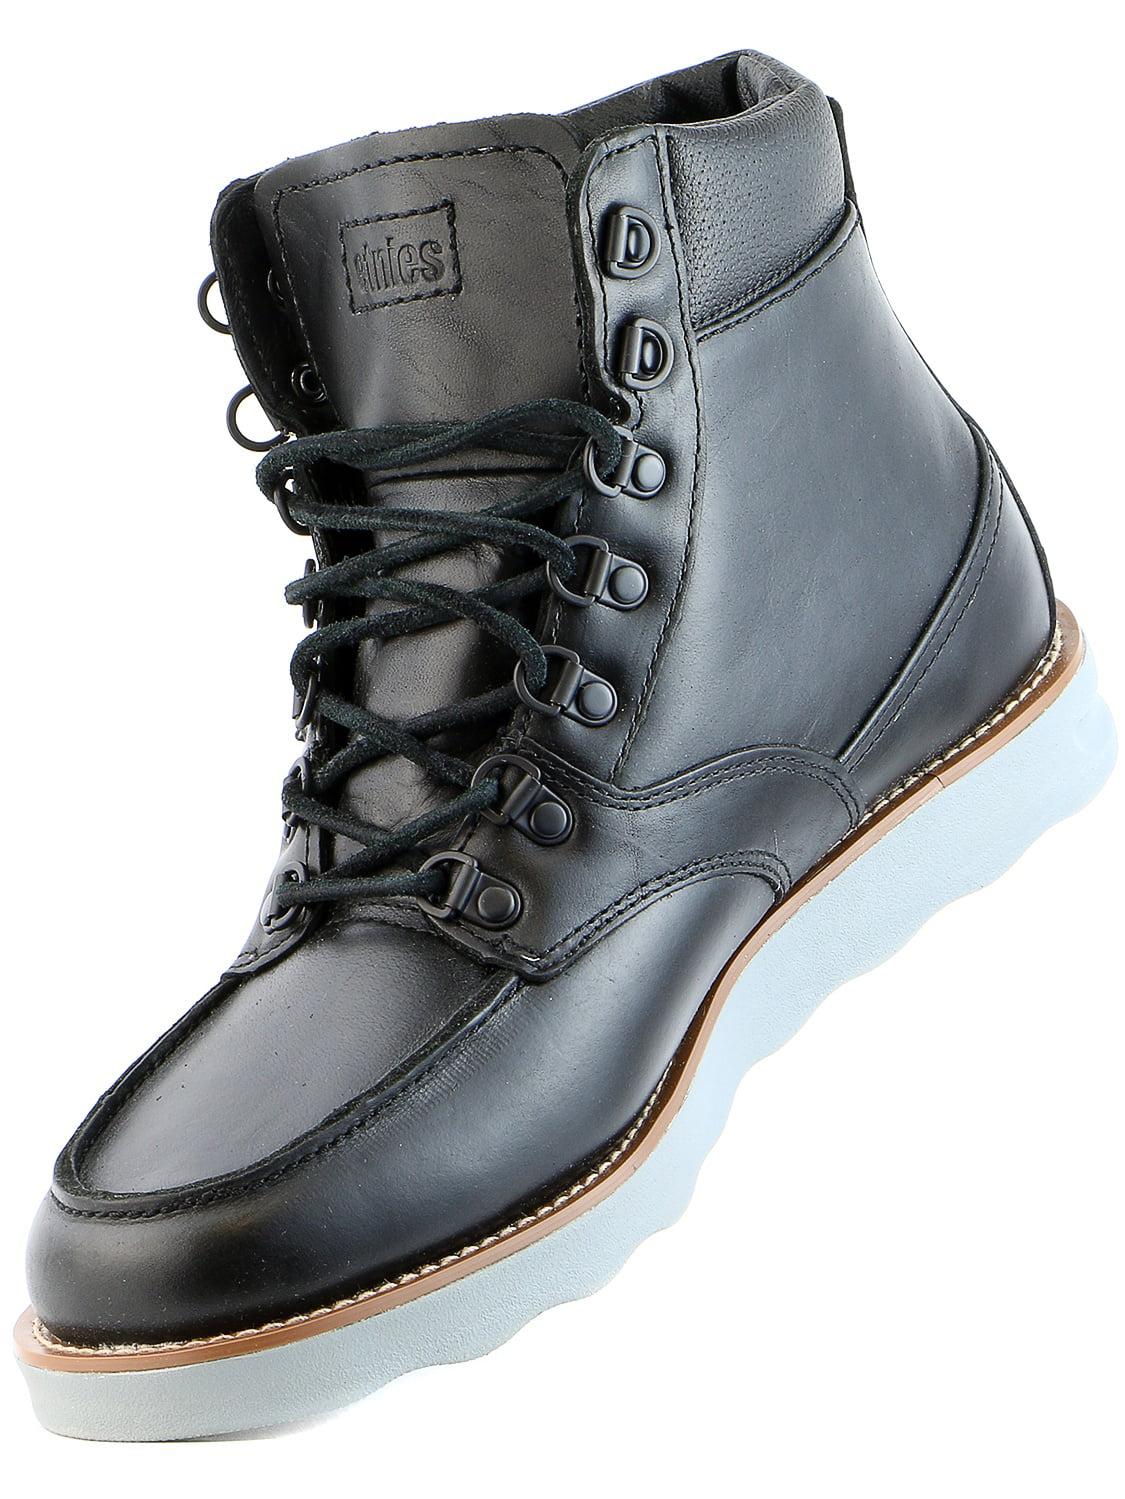 Etnies Militarise Boot  - Mens